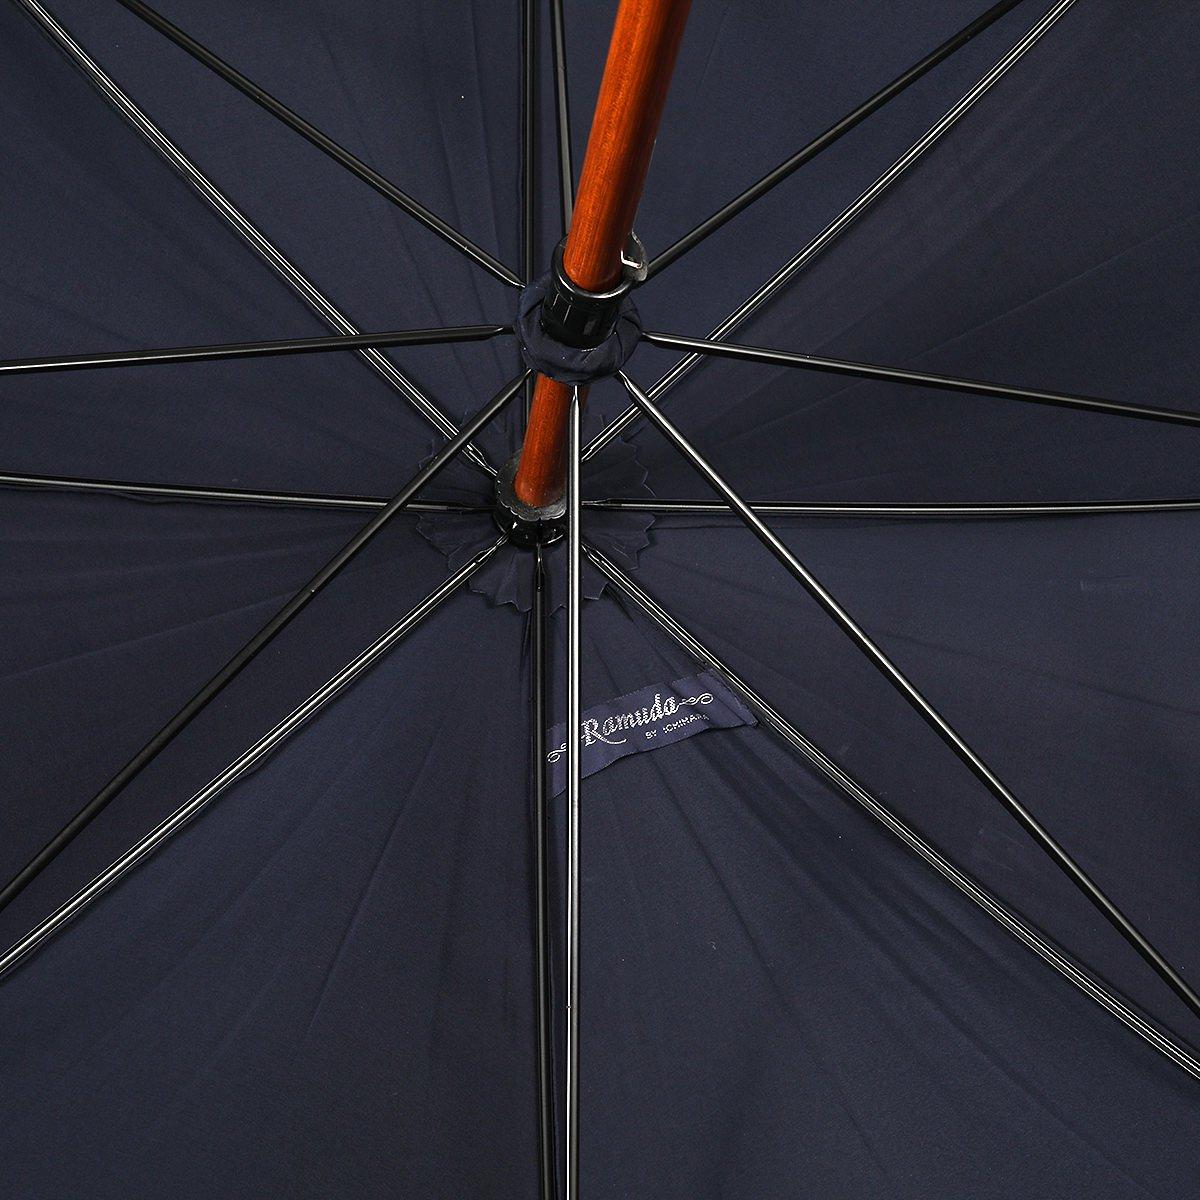 【公式限定】強力撥水 レインドロップ レクタス 木棒 フラッシーノ 長傘 詳細画像7